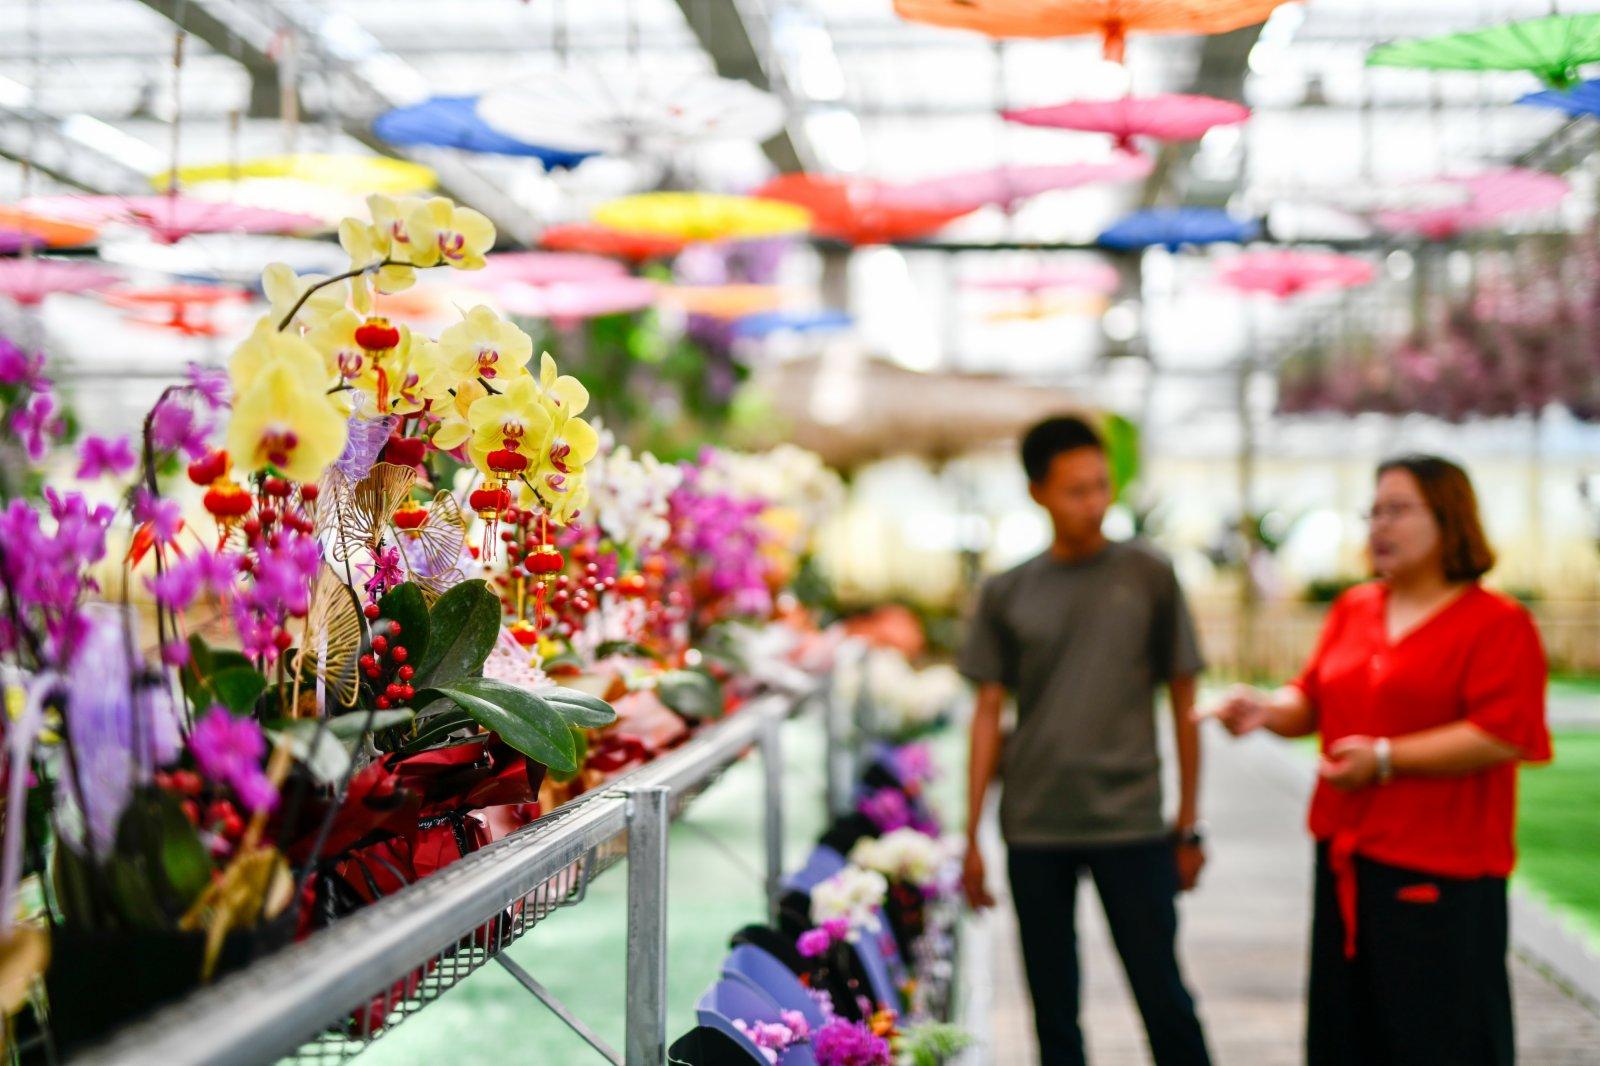 6月3日,在河北省遷西縣花鄉果巷田園綜合體一座智能溫室內,遊客在選購花卉。(新華社)